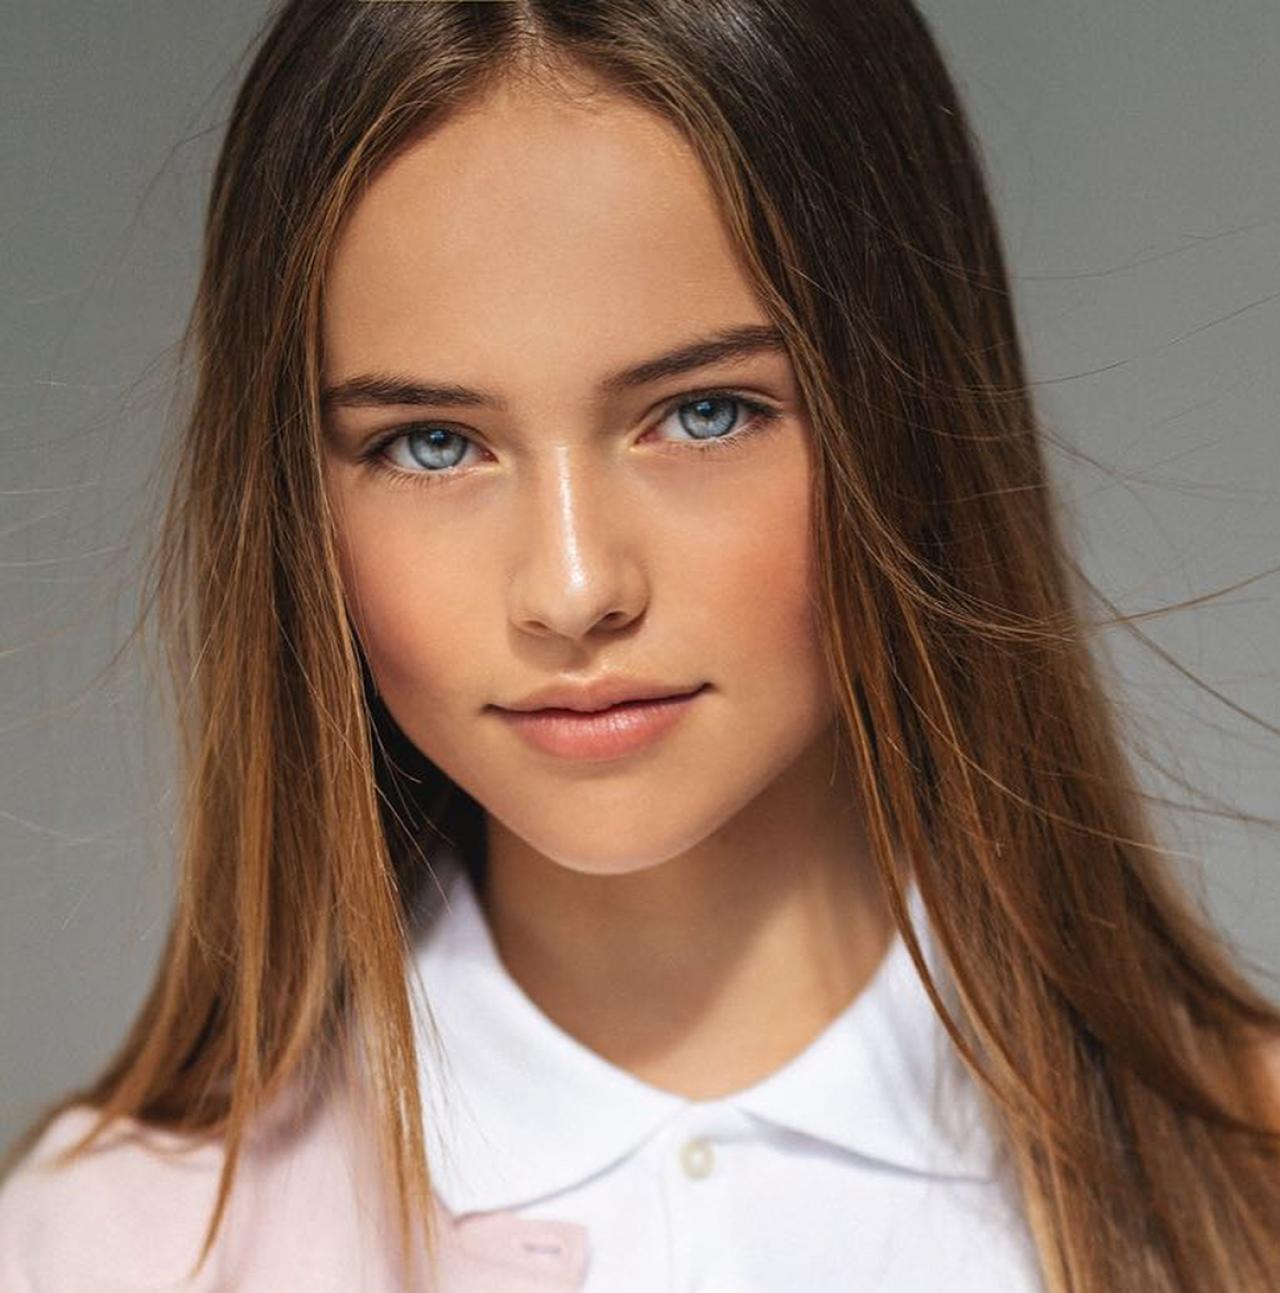 фото 12 лет девочки красивые